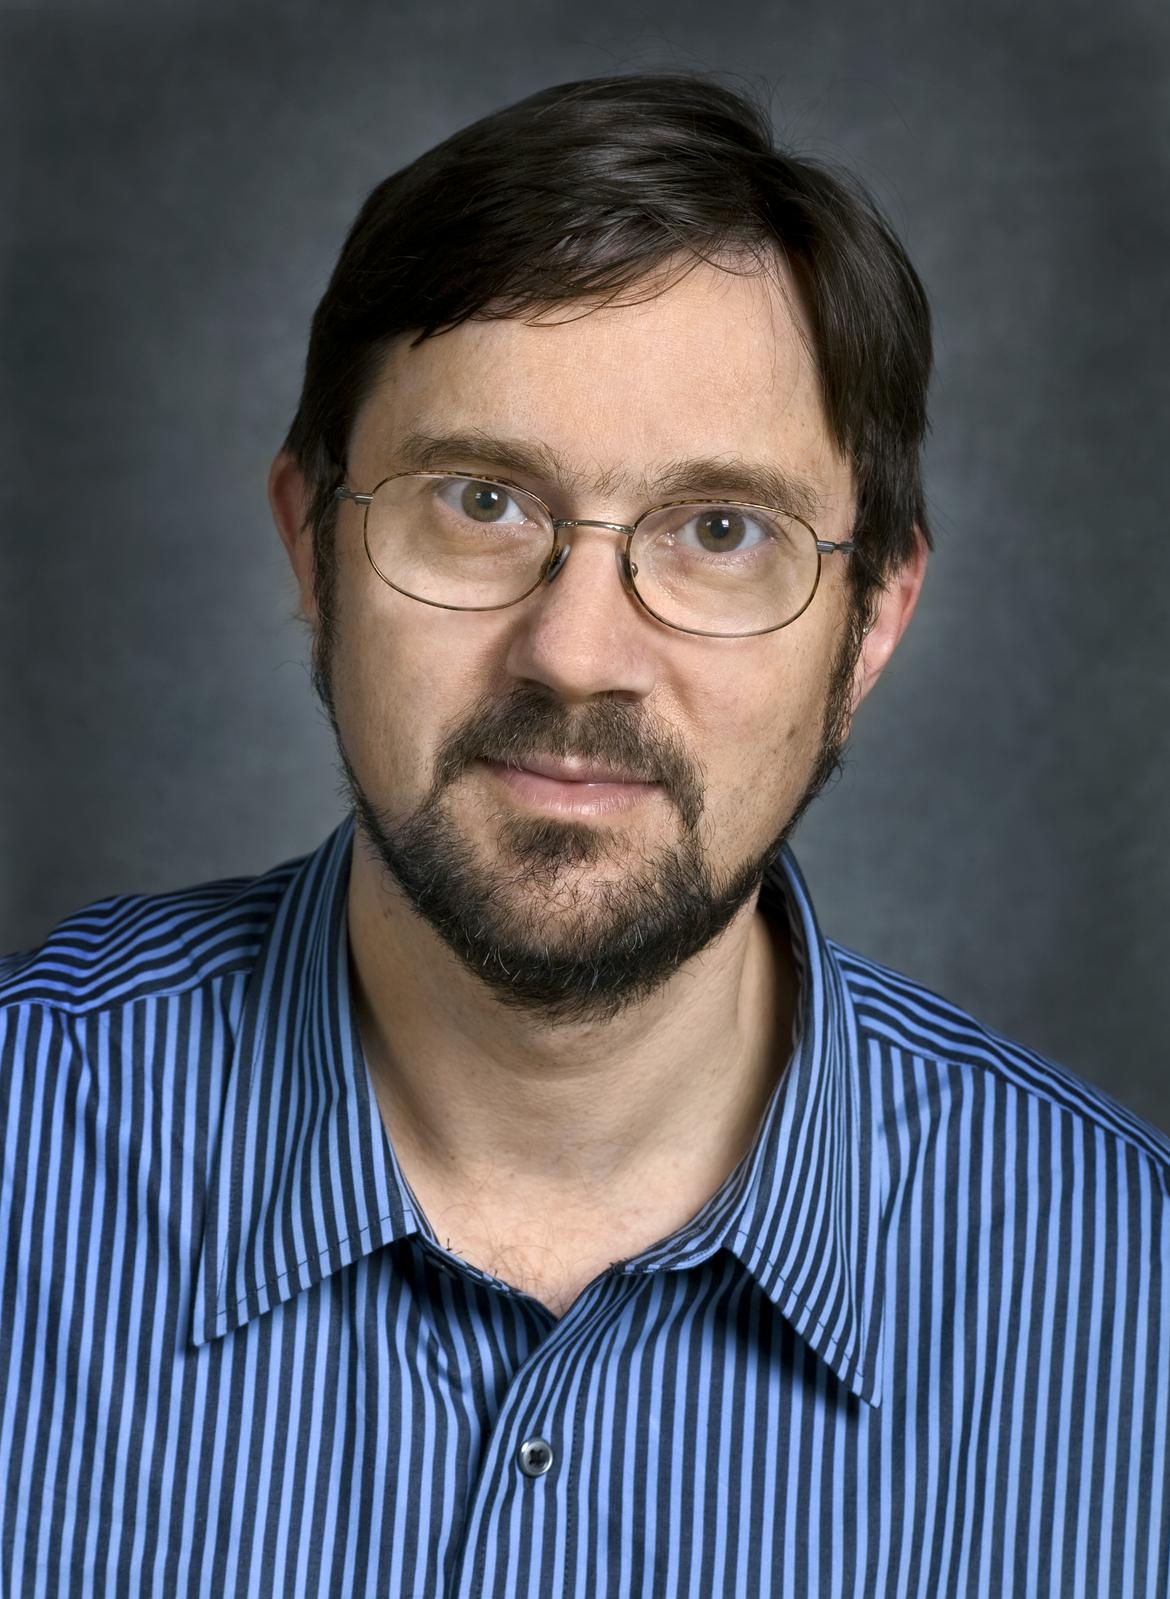 Vern Paxson